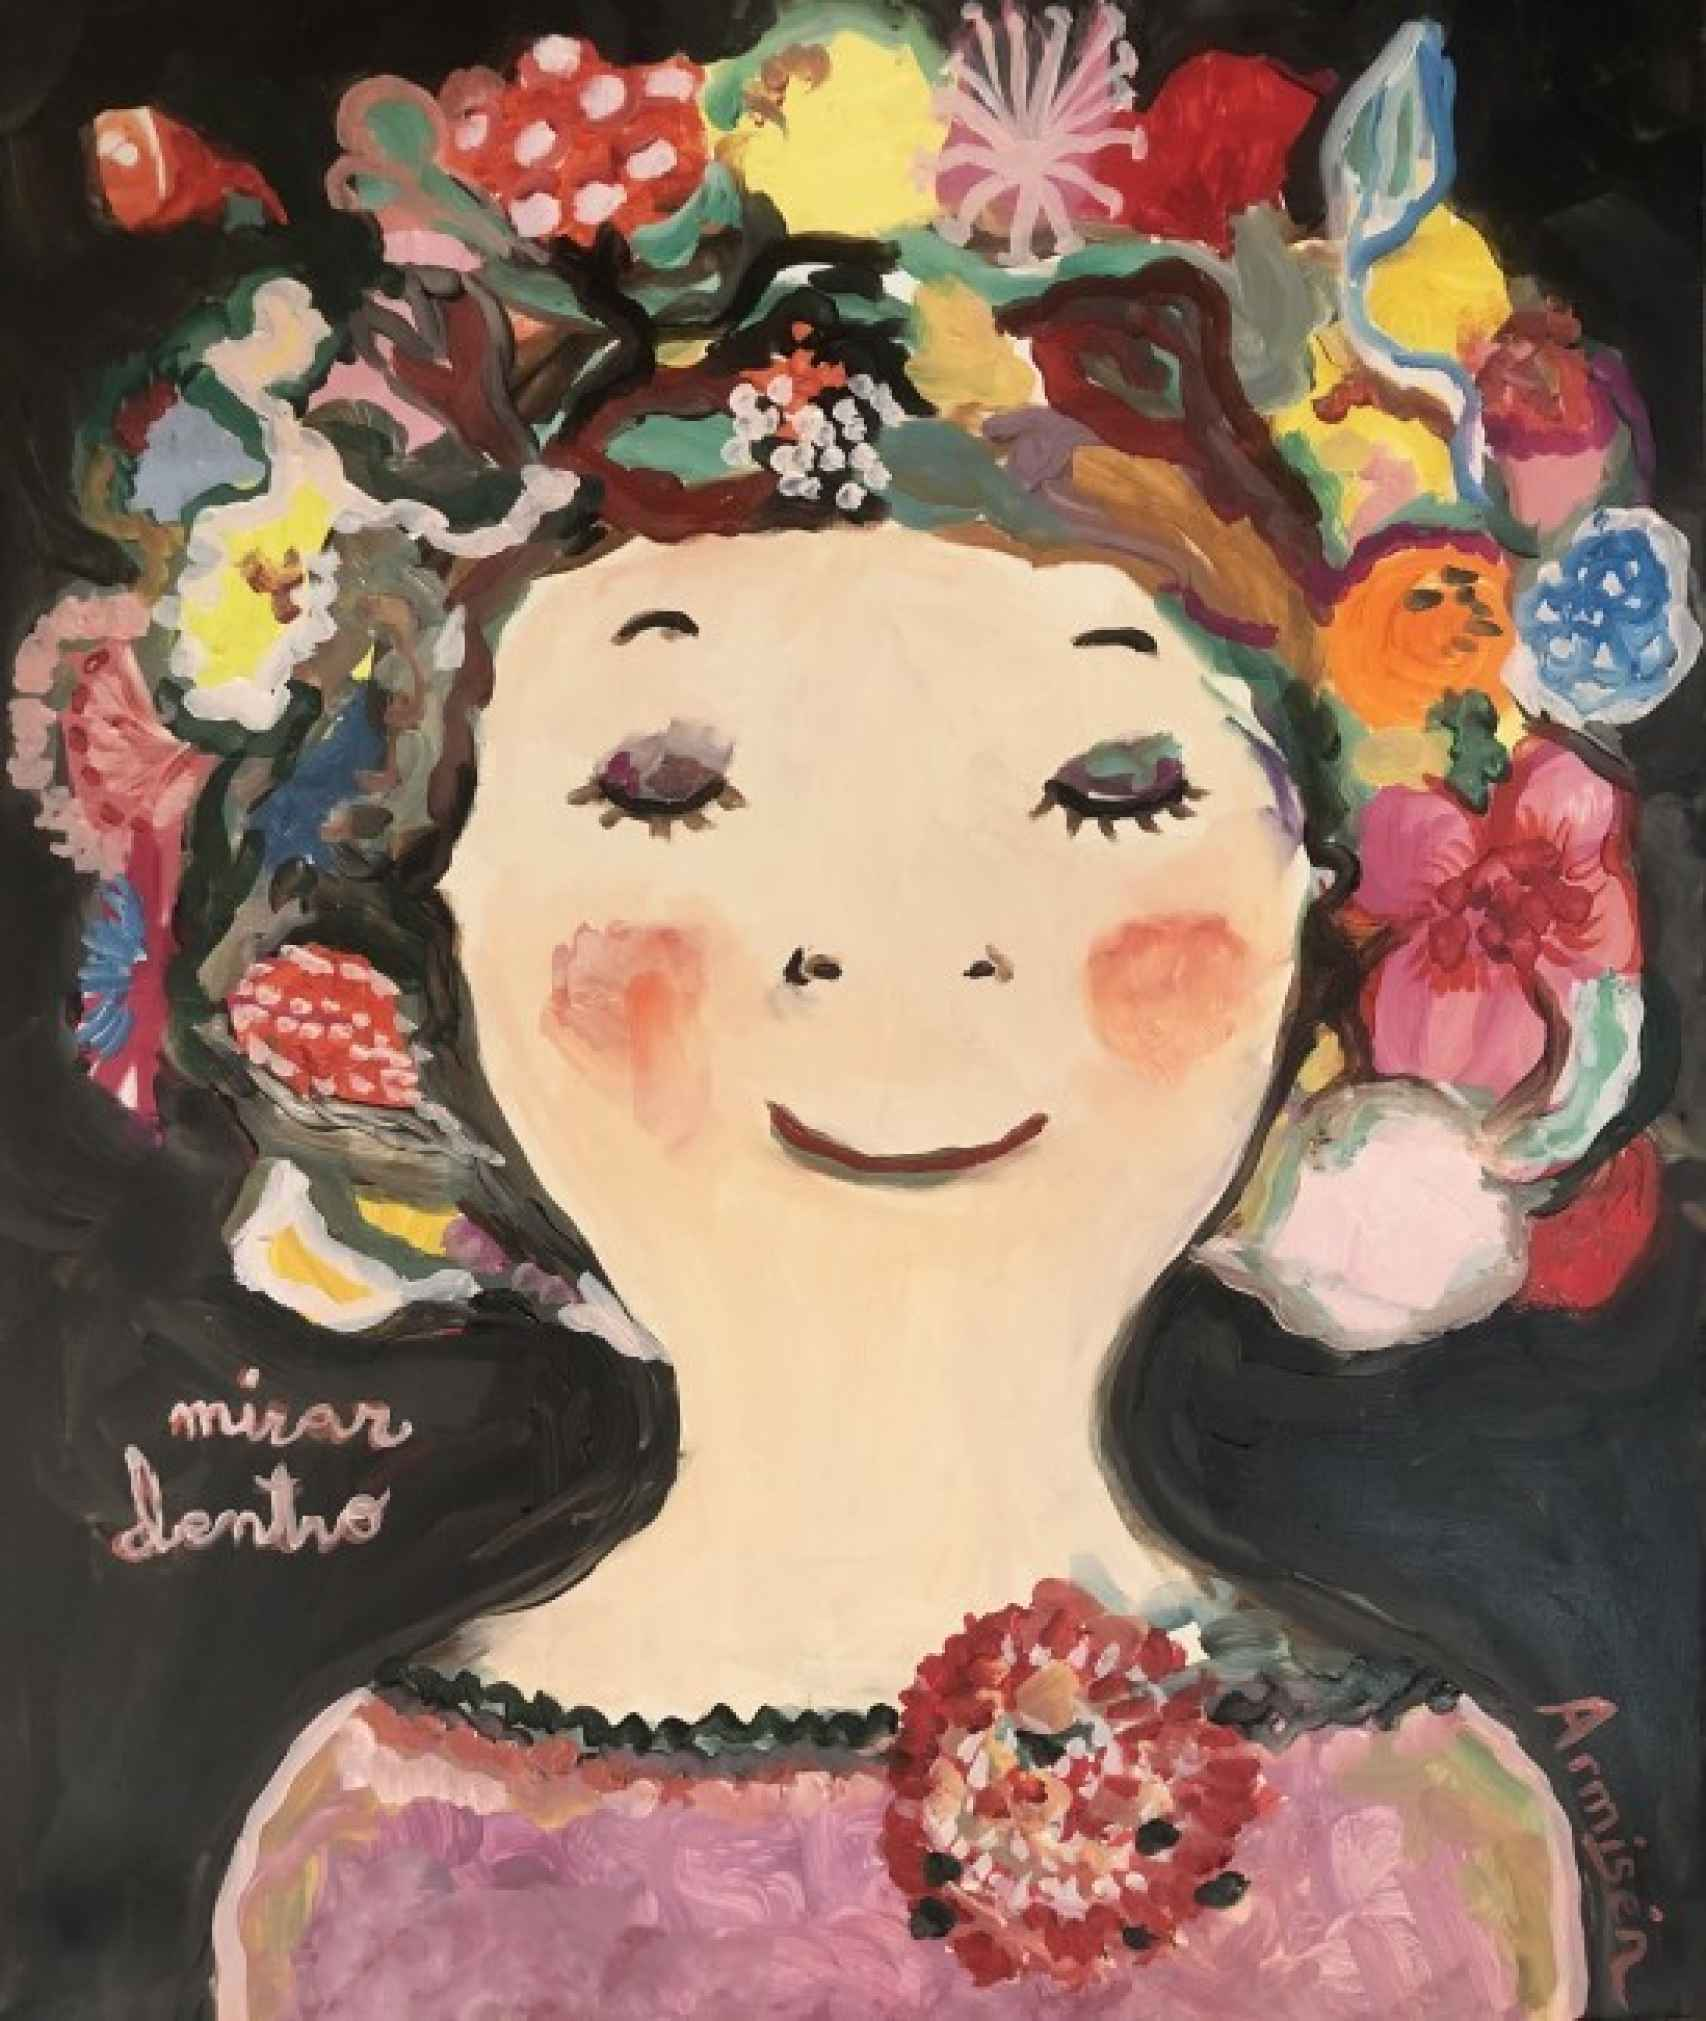 ' Mirar dentro', una pintura de Eva Armisén.